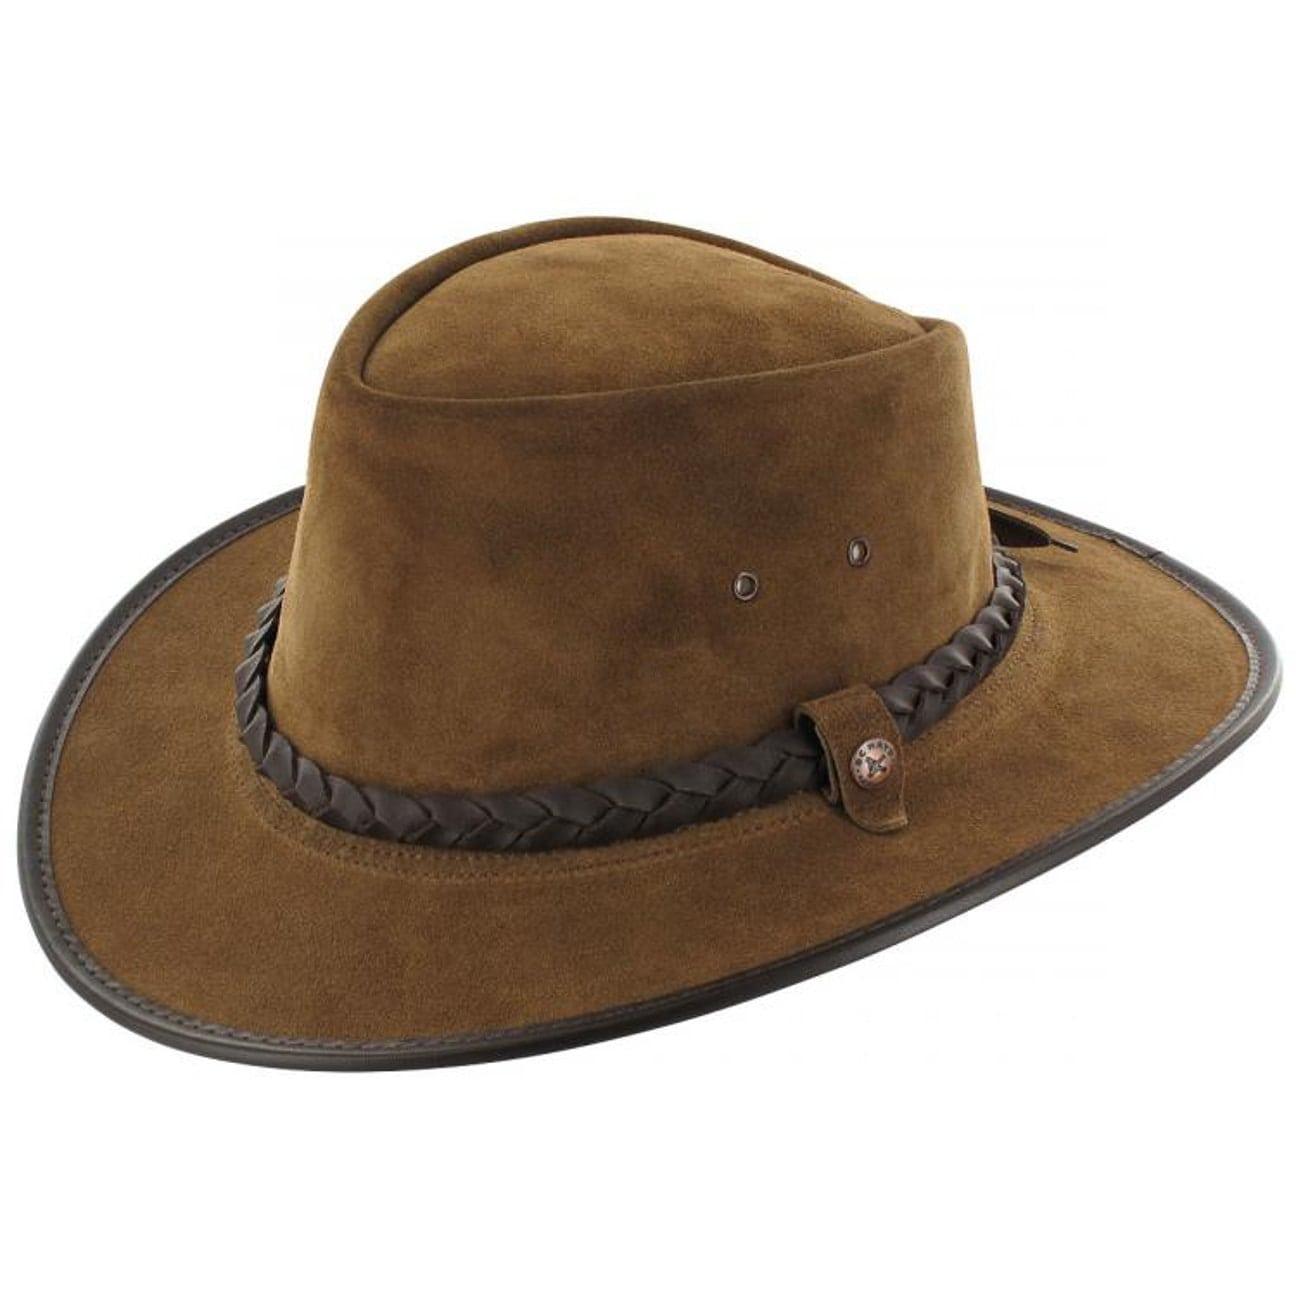 Traveller de Piel Bac Pac by BC HATS  sombrero de piel